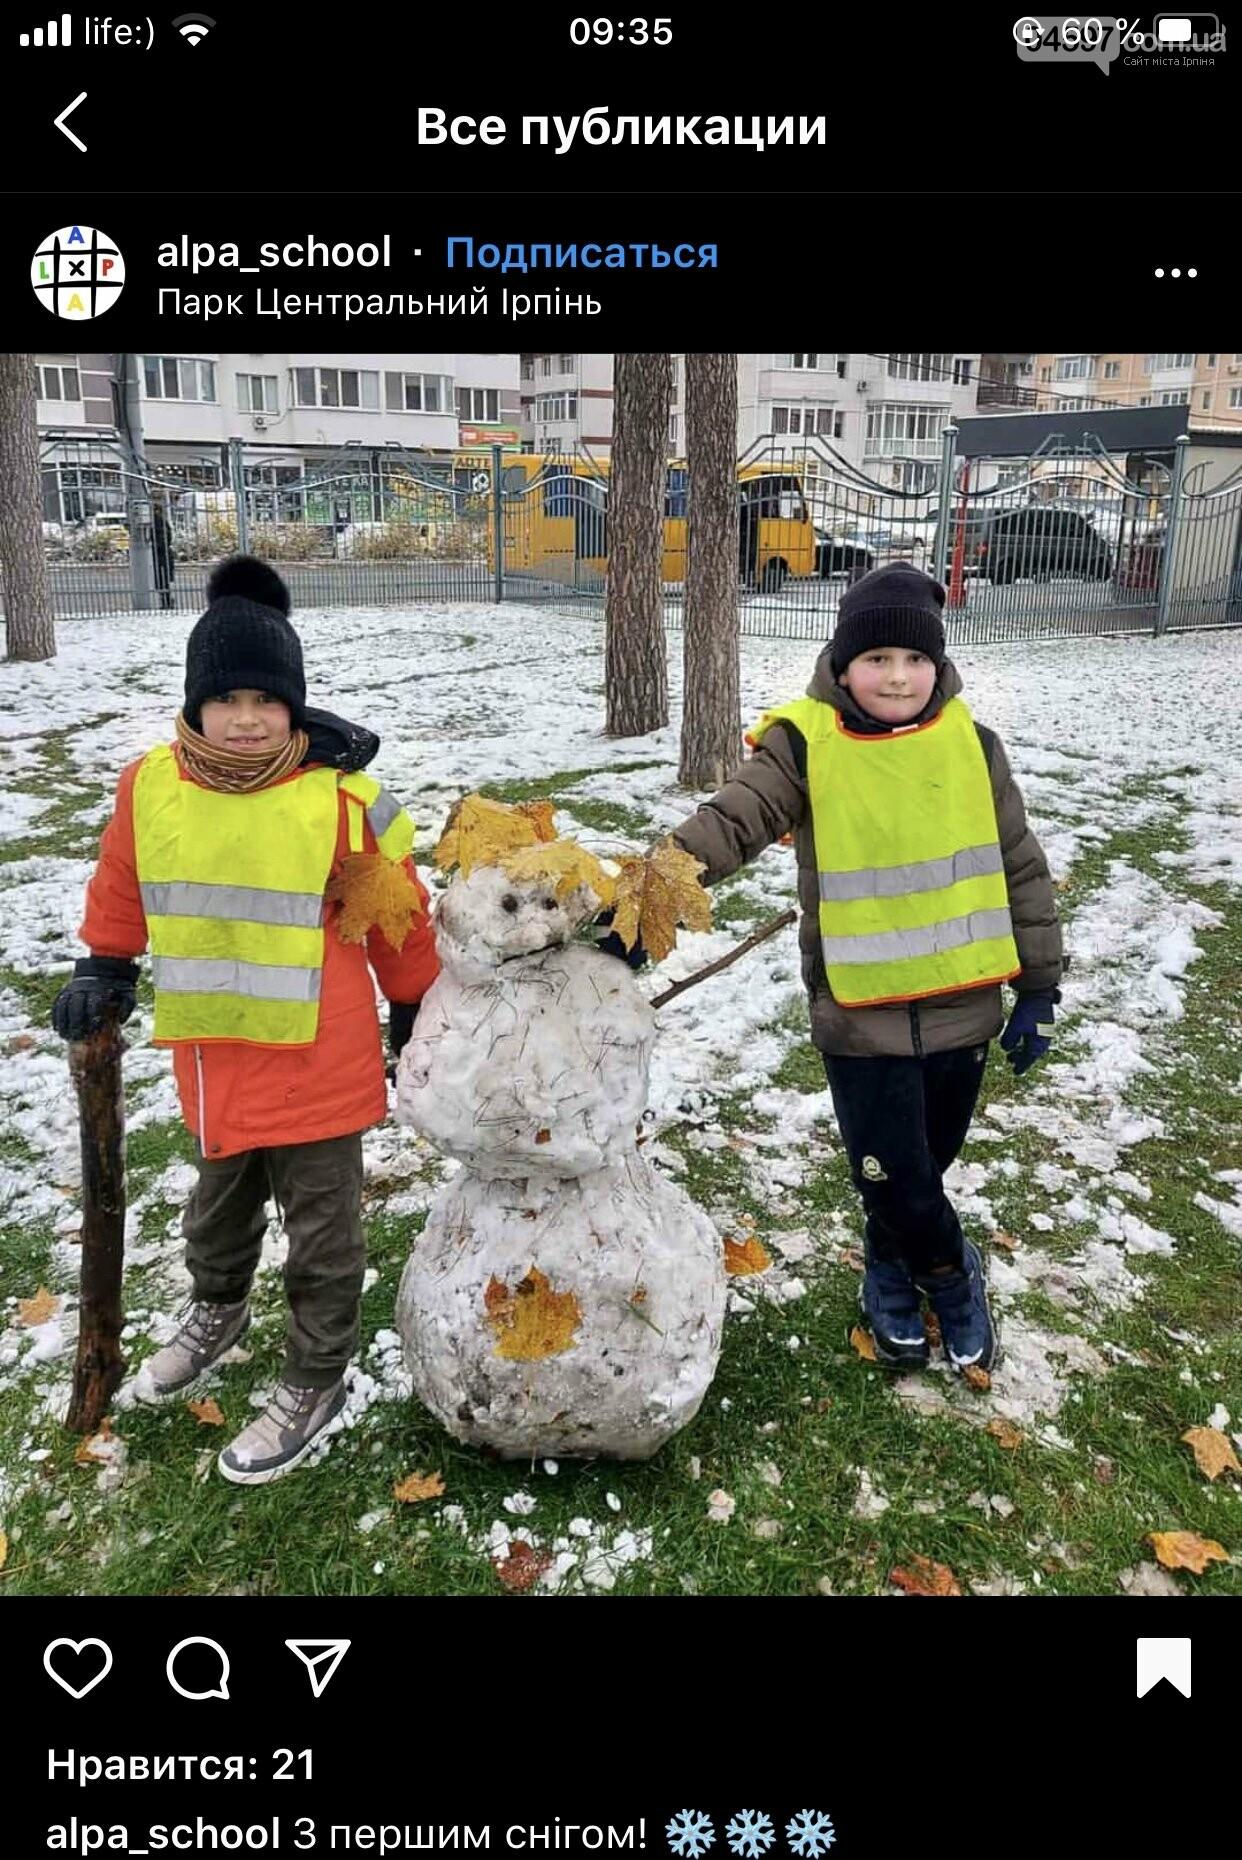 Сніг не тане: в Ірпені зліпили перших сніговиків, фото-1